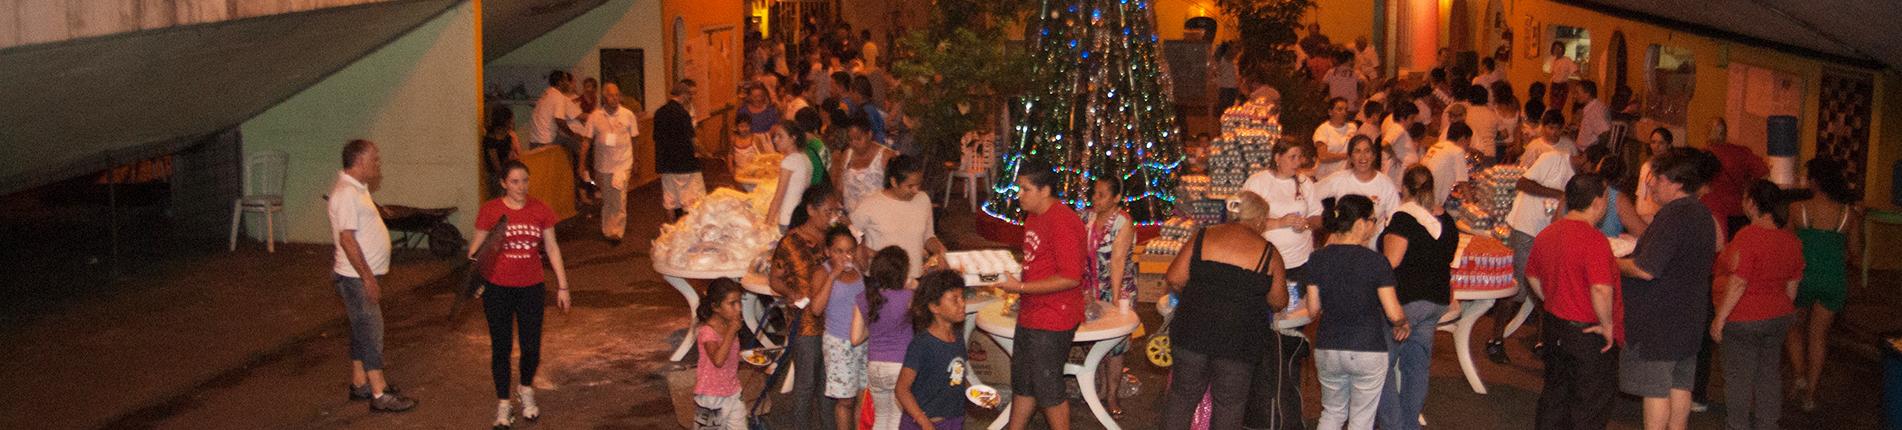 festa_ame_natal_glicerio